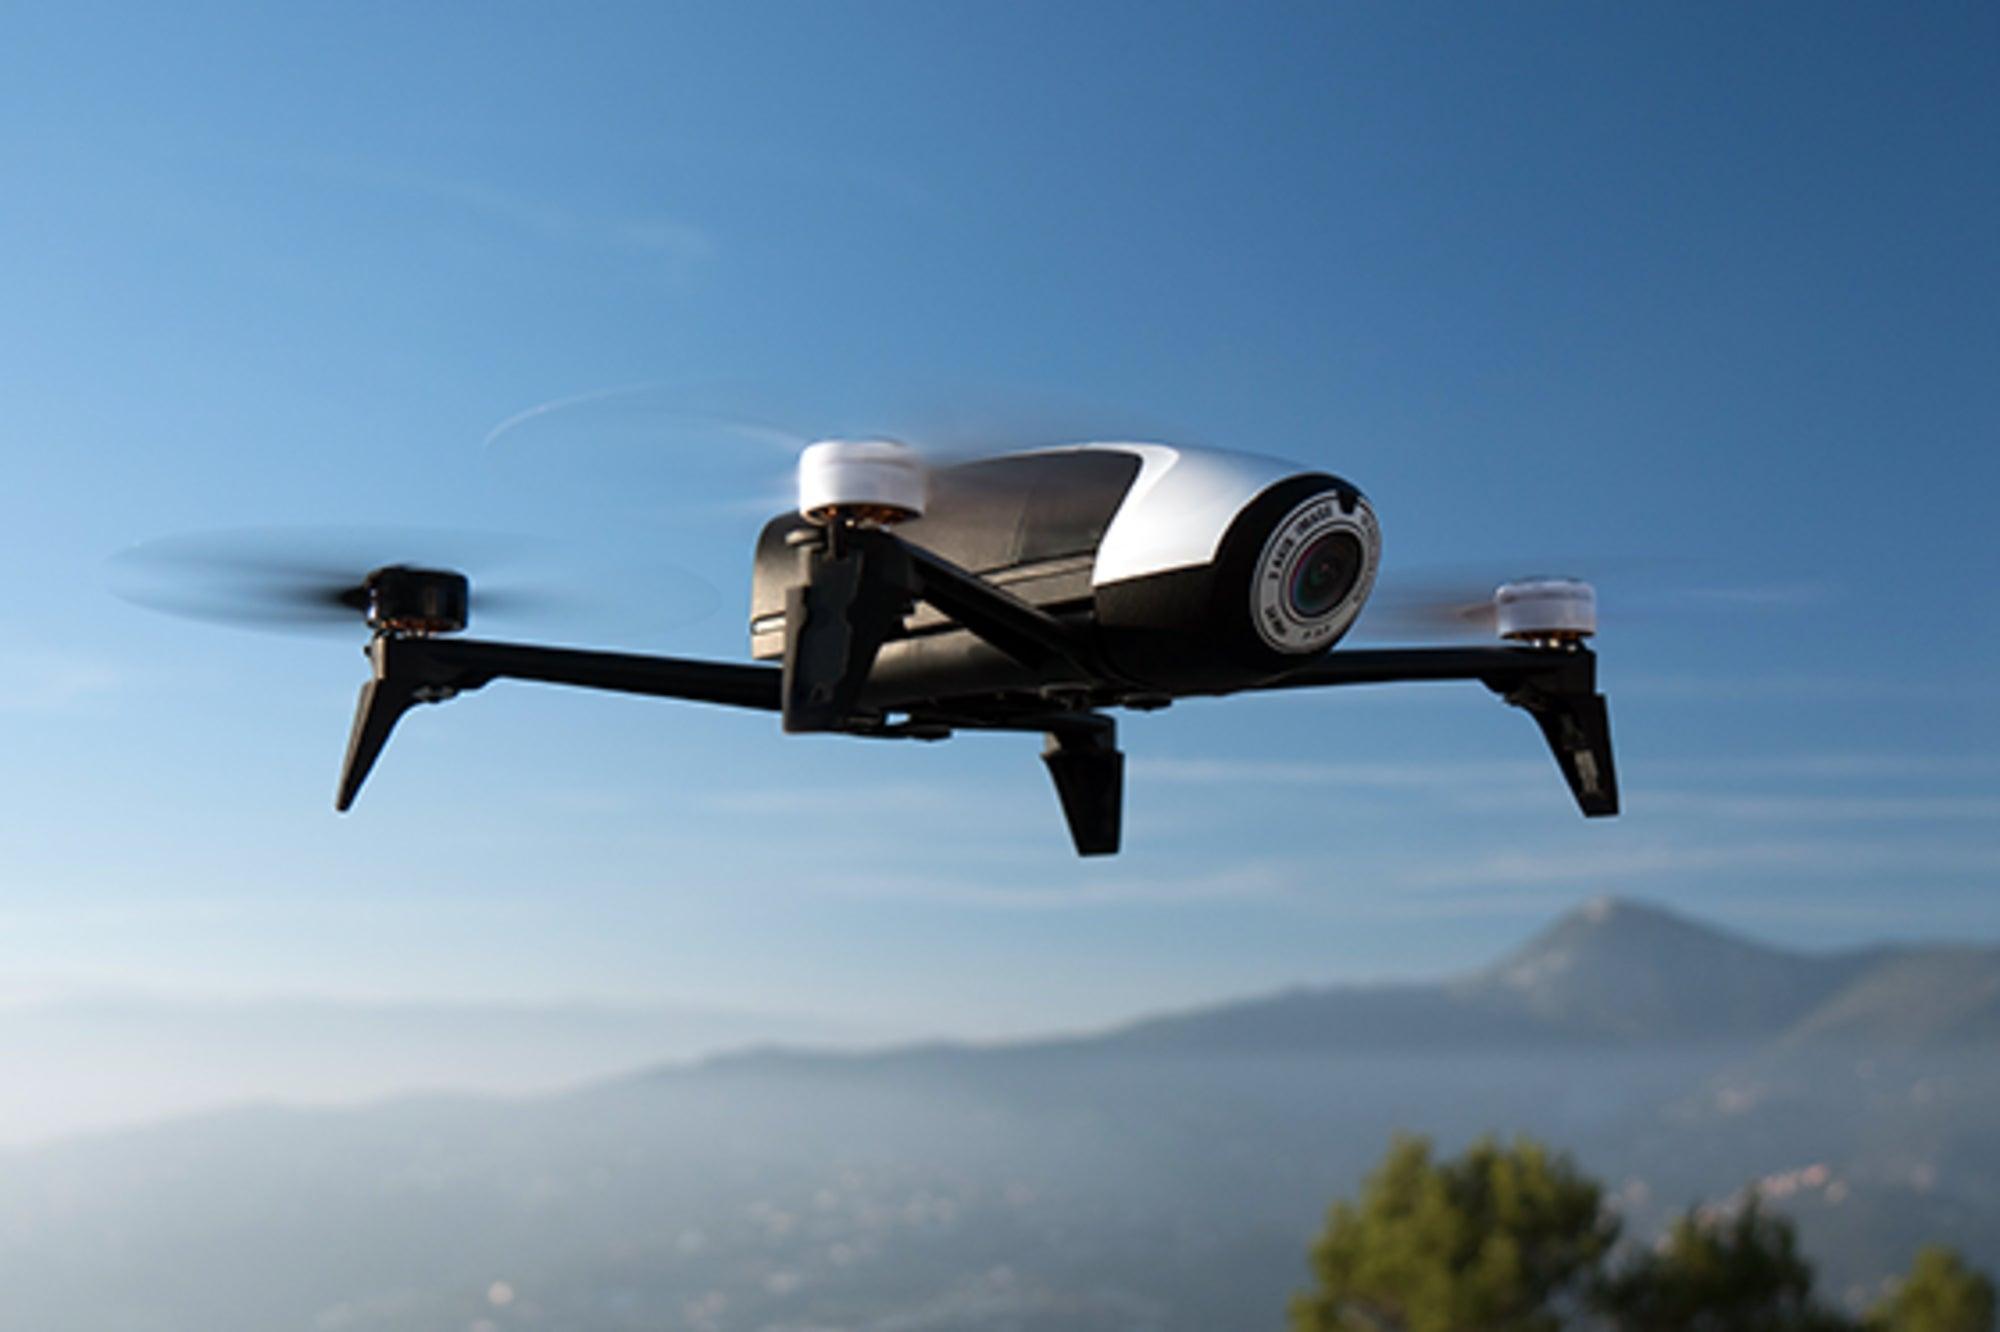 Parrot Announces Bebop 2 Drone